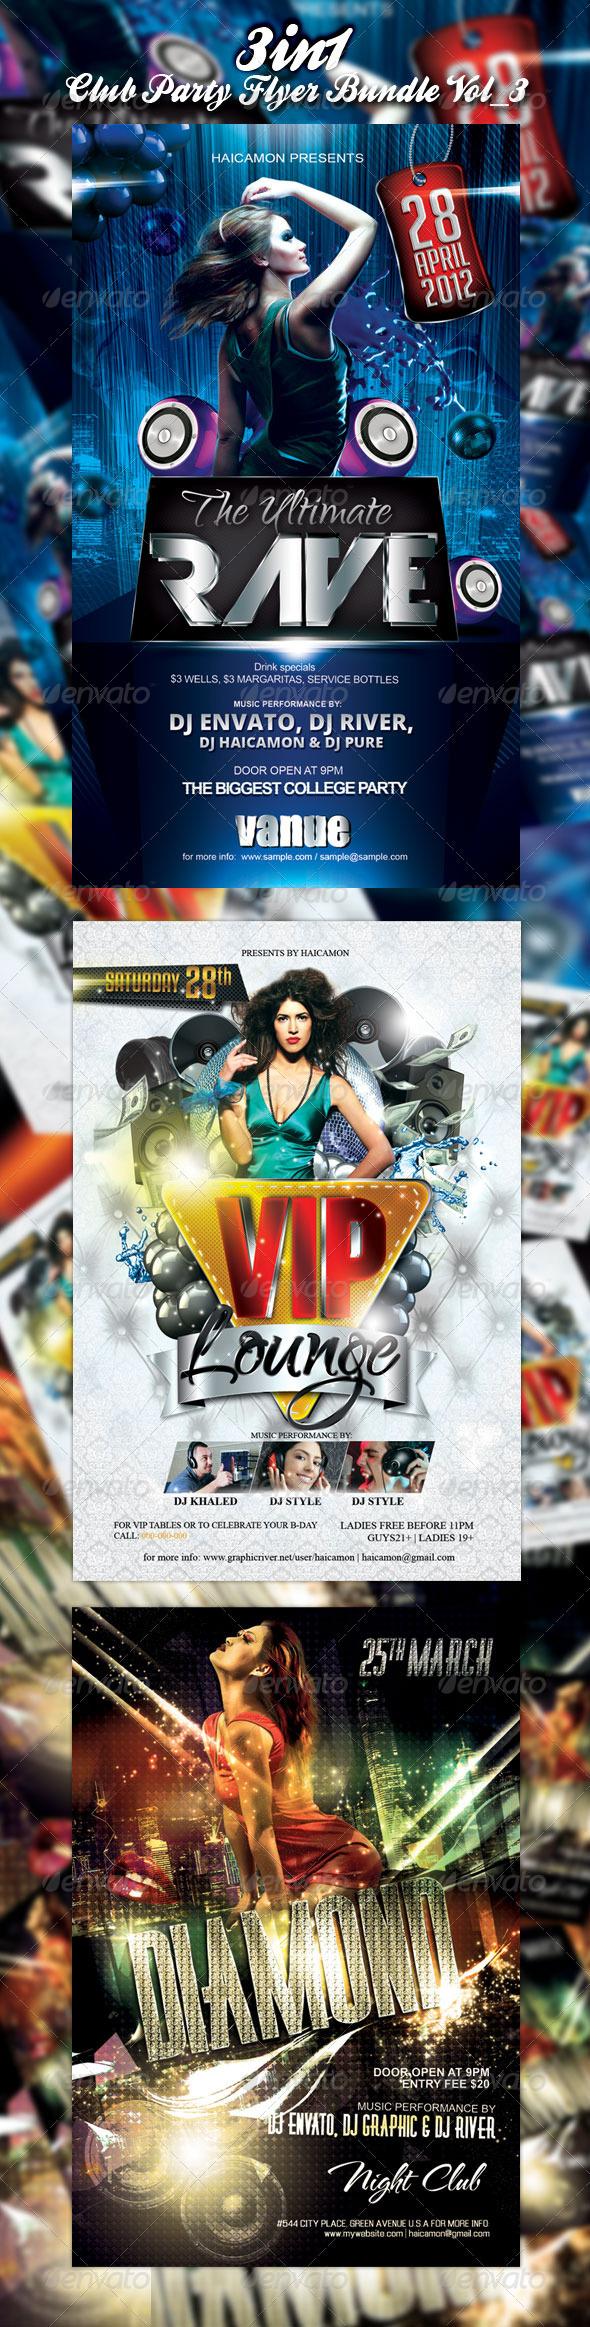 GraphicRiver Club Event Party Flyer Bundle Vol 3 2339318